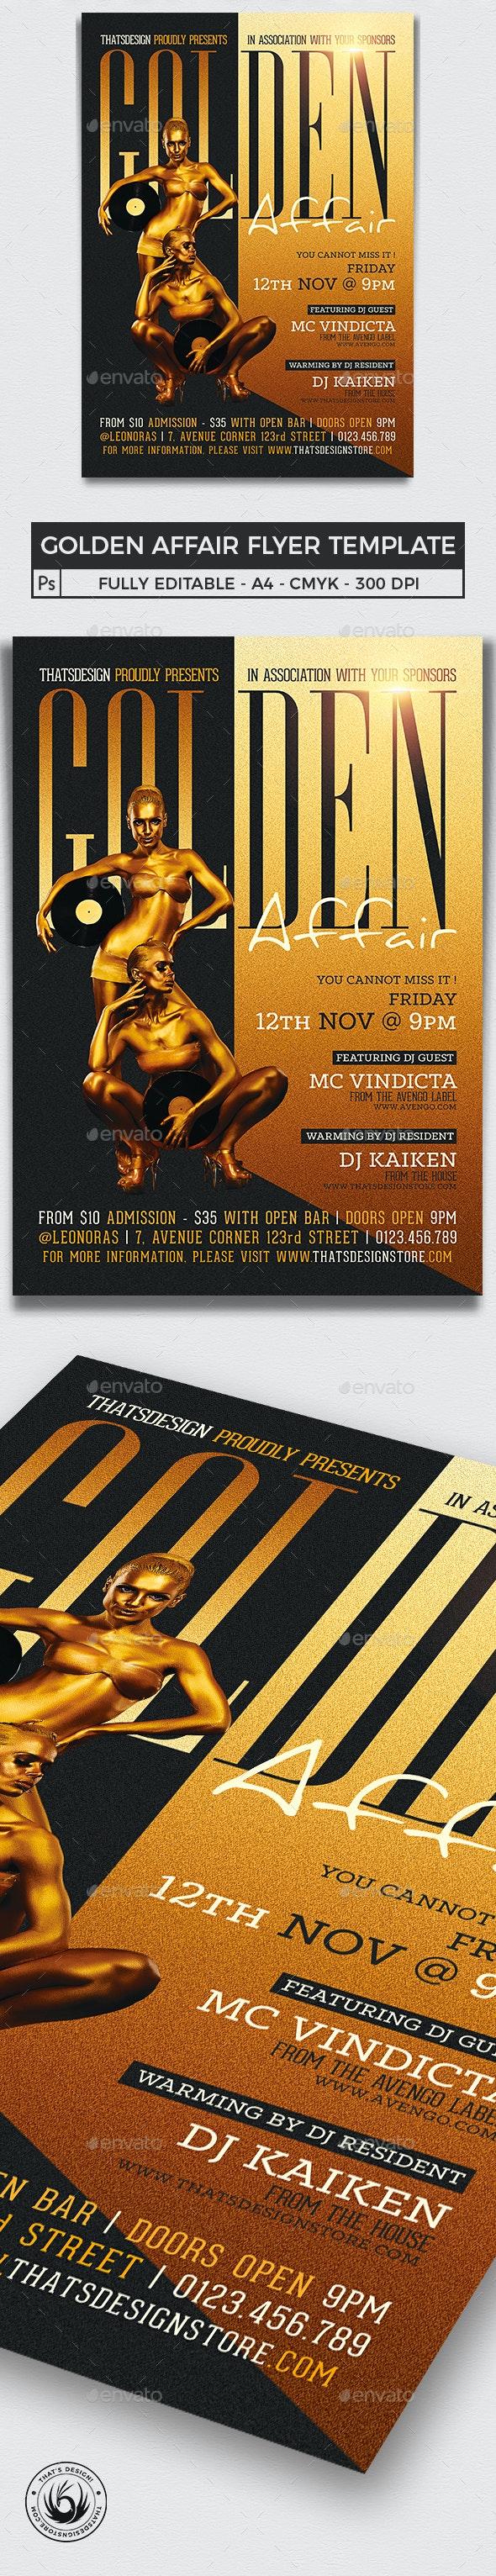 Golden Affair Flyer Template - Clubs & Parties Events